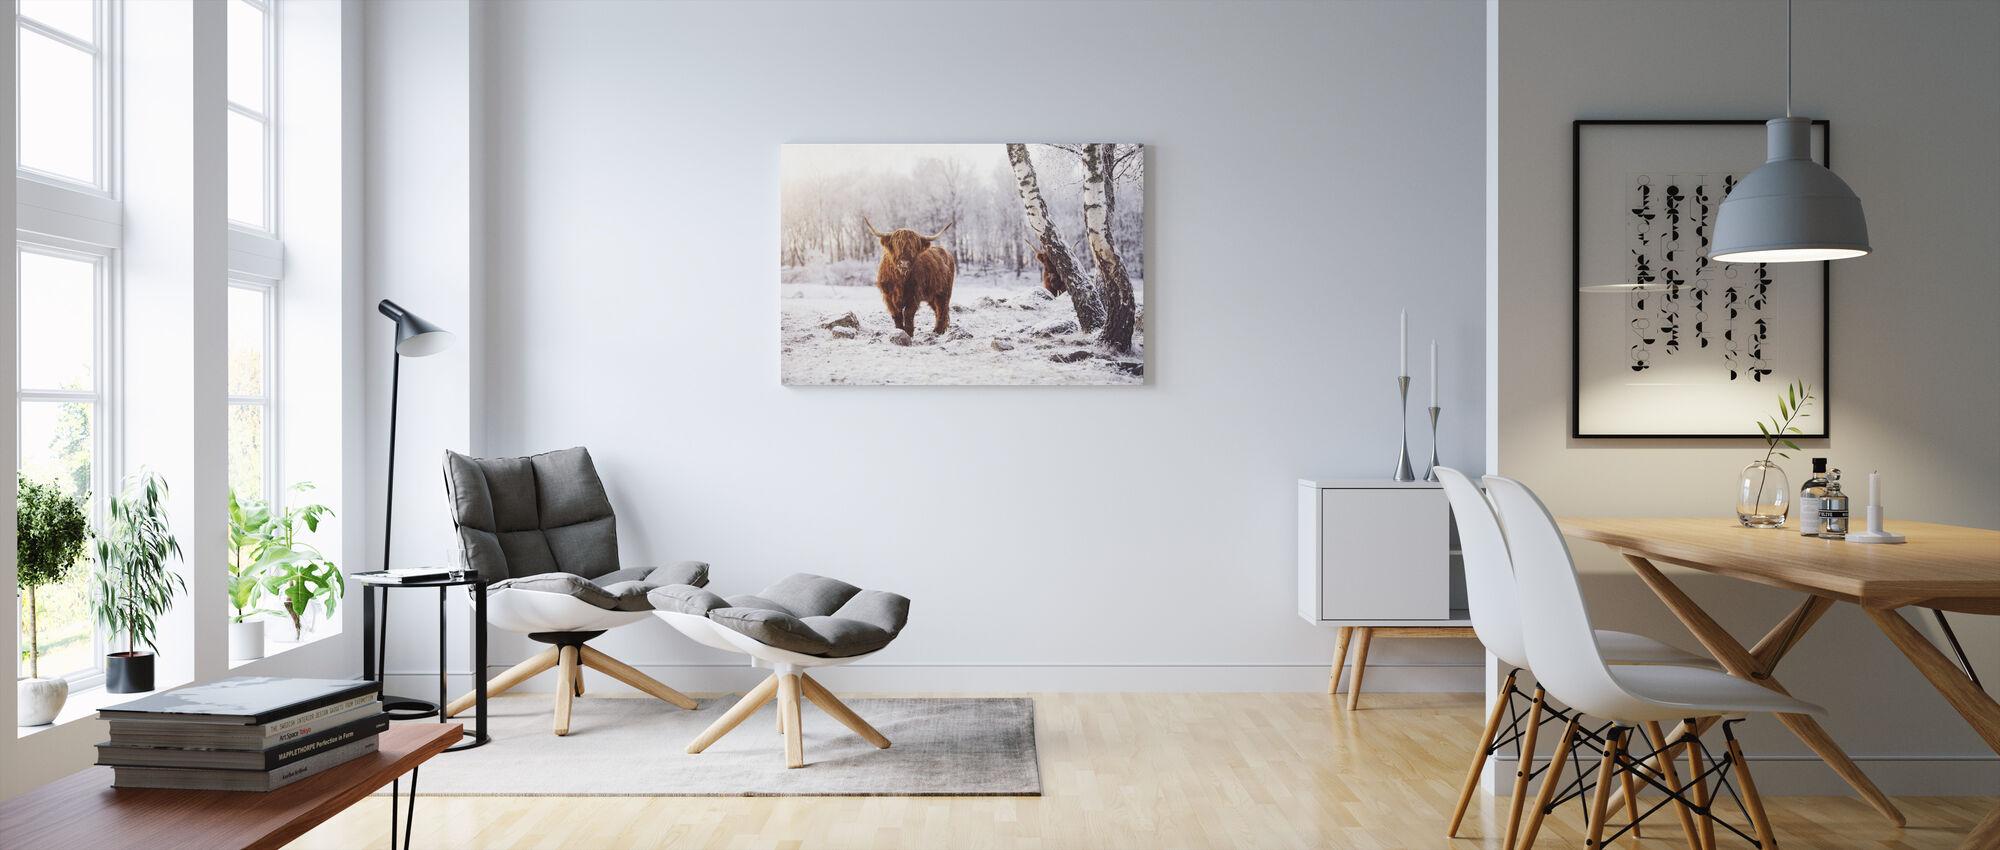 Highland Karja - Canvastaulu - Olohuone